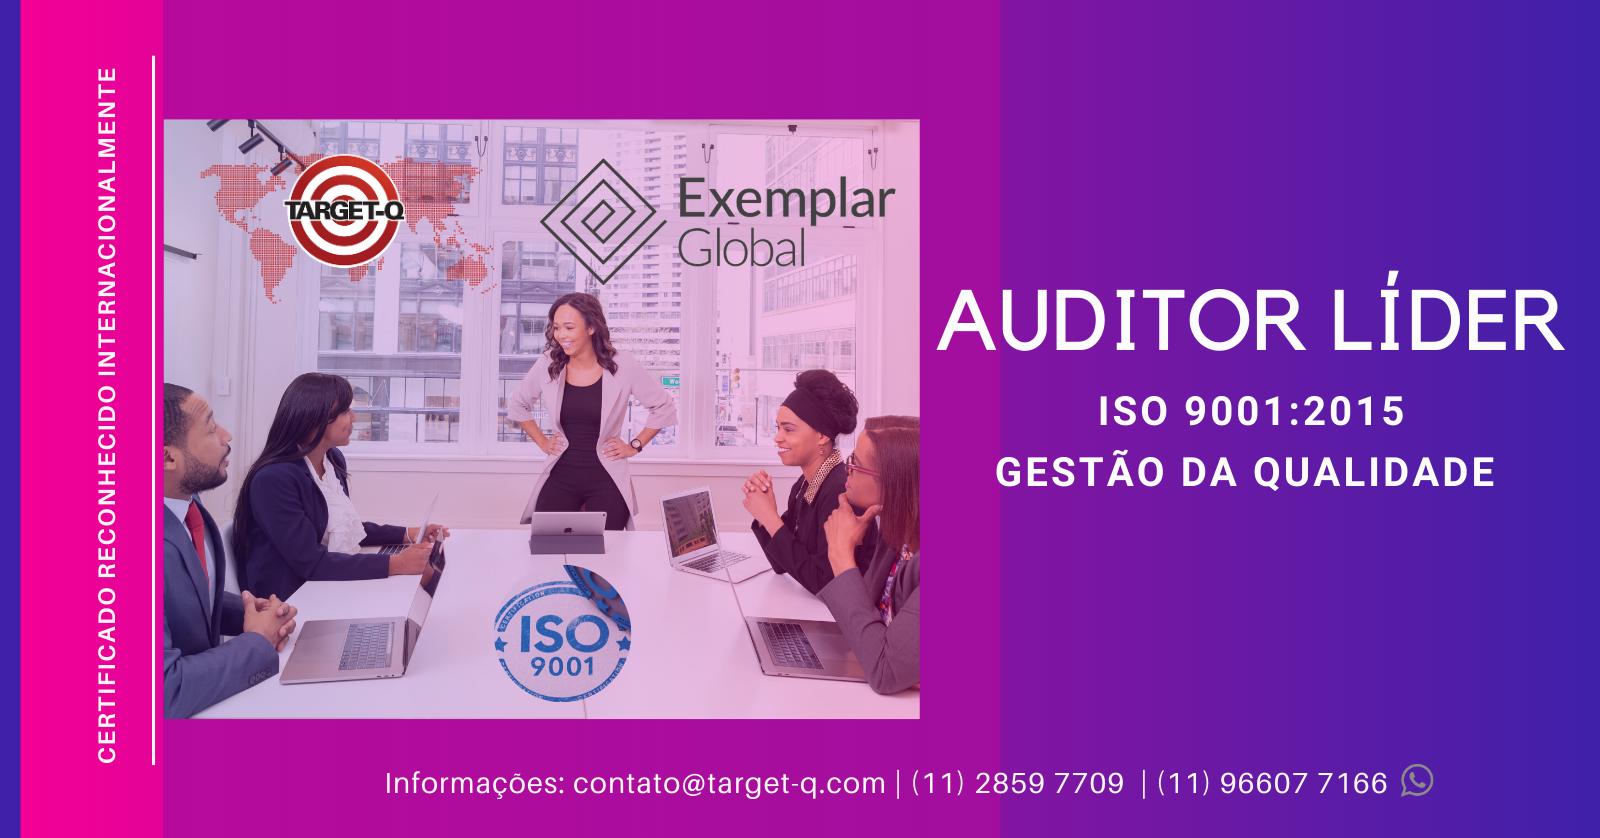 Treinamento Auditor Líder ISO-9001:2015